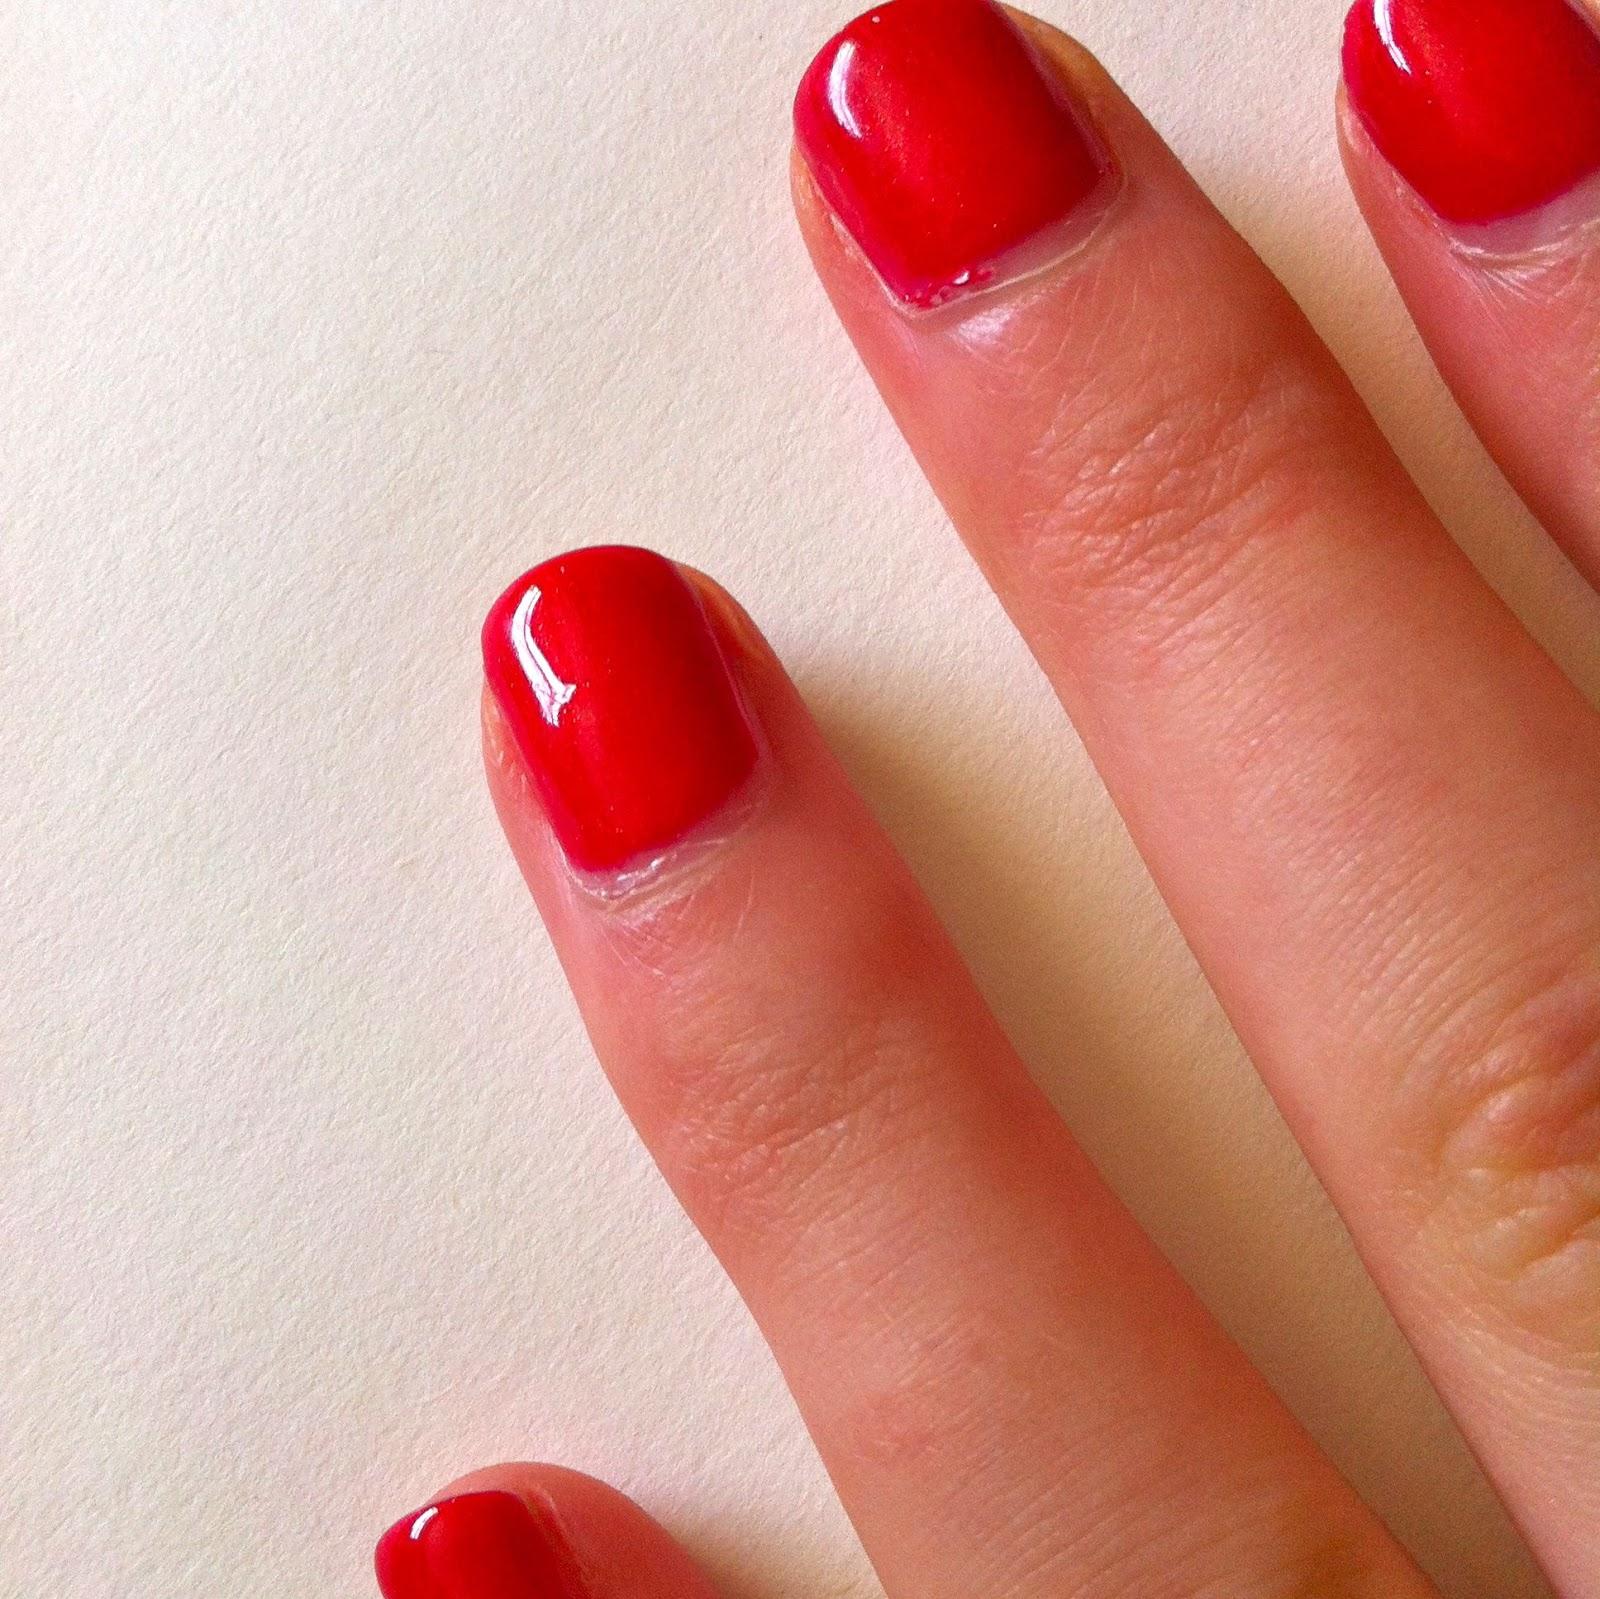 NAIVE-YOUNG: Beauty | Shellac nails